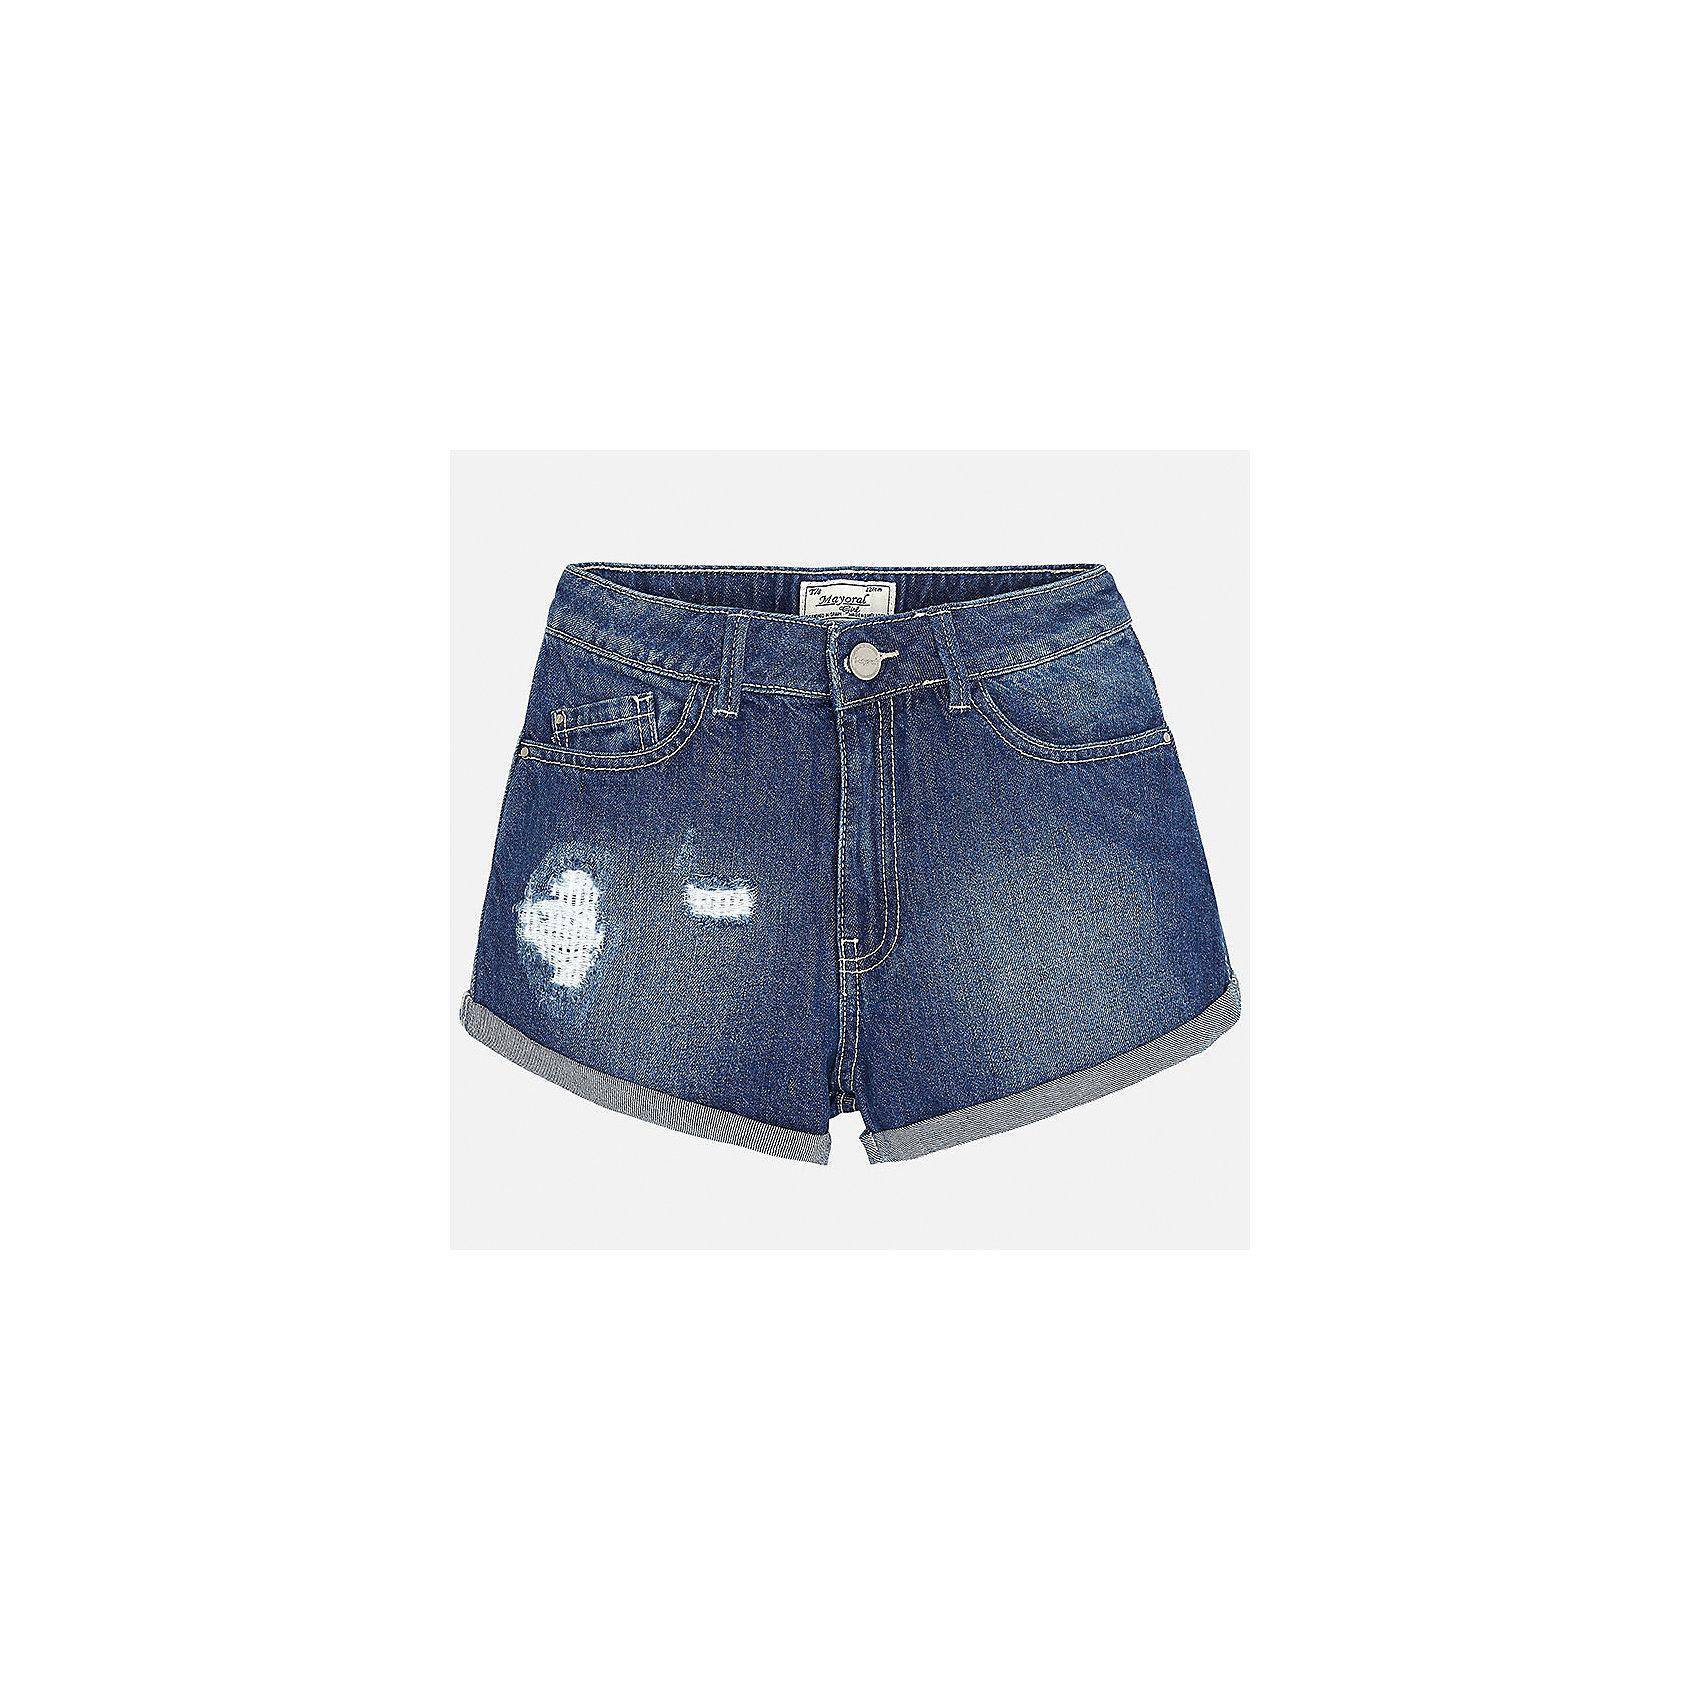 Шорты джинсовые для девочки MayoralШорты, бриджи, капри<br>Характеристики товара:<br><br>• цвет: синий<br>• состав: 97% хлопок, 3% эластан<br>• эффект потертости<br>• карманы<br>• пояс с регулировкой объема<br>• шлевки<br>• страна бренда: Испания<br><br>Стильные легкие шорты для девочки смогут разнообразить гардероб ребенка и украсить наряд. Они отлично сочетаются с майками, футболками, блузками. Красивый оттенок позволяет подобрать к вещи верх разных расцветок. Интересный крой модели делает её нарядной и оригинальной. В составе материала - натуральный хлопок, гипоаллергенный, приятный на ощупь, дышащий.<br><br>Одежда, обувь и аксессуары от испанского бренда Mayoral полюбились детям и взрослым по всему миру. Модели этой марки - стильные и удобные. Для их производства используются только безопасные, качественные материалы и фурнитура. Порадуйте ребенка модными и красивыми вещами от Mayoral! <br><br>Шорты для девочки от испанского бренда Mayoral (Майорал) можно купить в нашем интернет-магазине.<br><br>Ширина мм: 191<br>Глубина мм: 10<br>Высота мм: 175<br>Вес г: 273<br>Цвет: голубой<br>Возраст от месяцев: 168<br>Возраст до месяцев: 180<br>Пол: Женский<br>Возраст: Детский<br>Размер: 170,128/134,140,152,158,164<br>SKU: 5292645